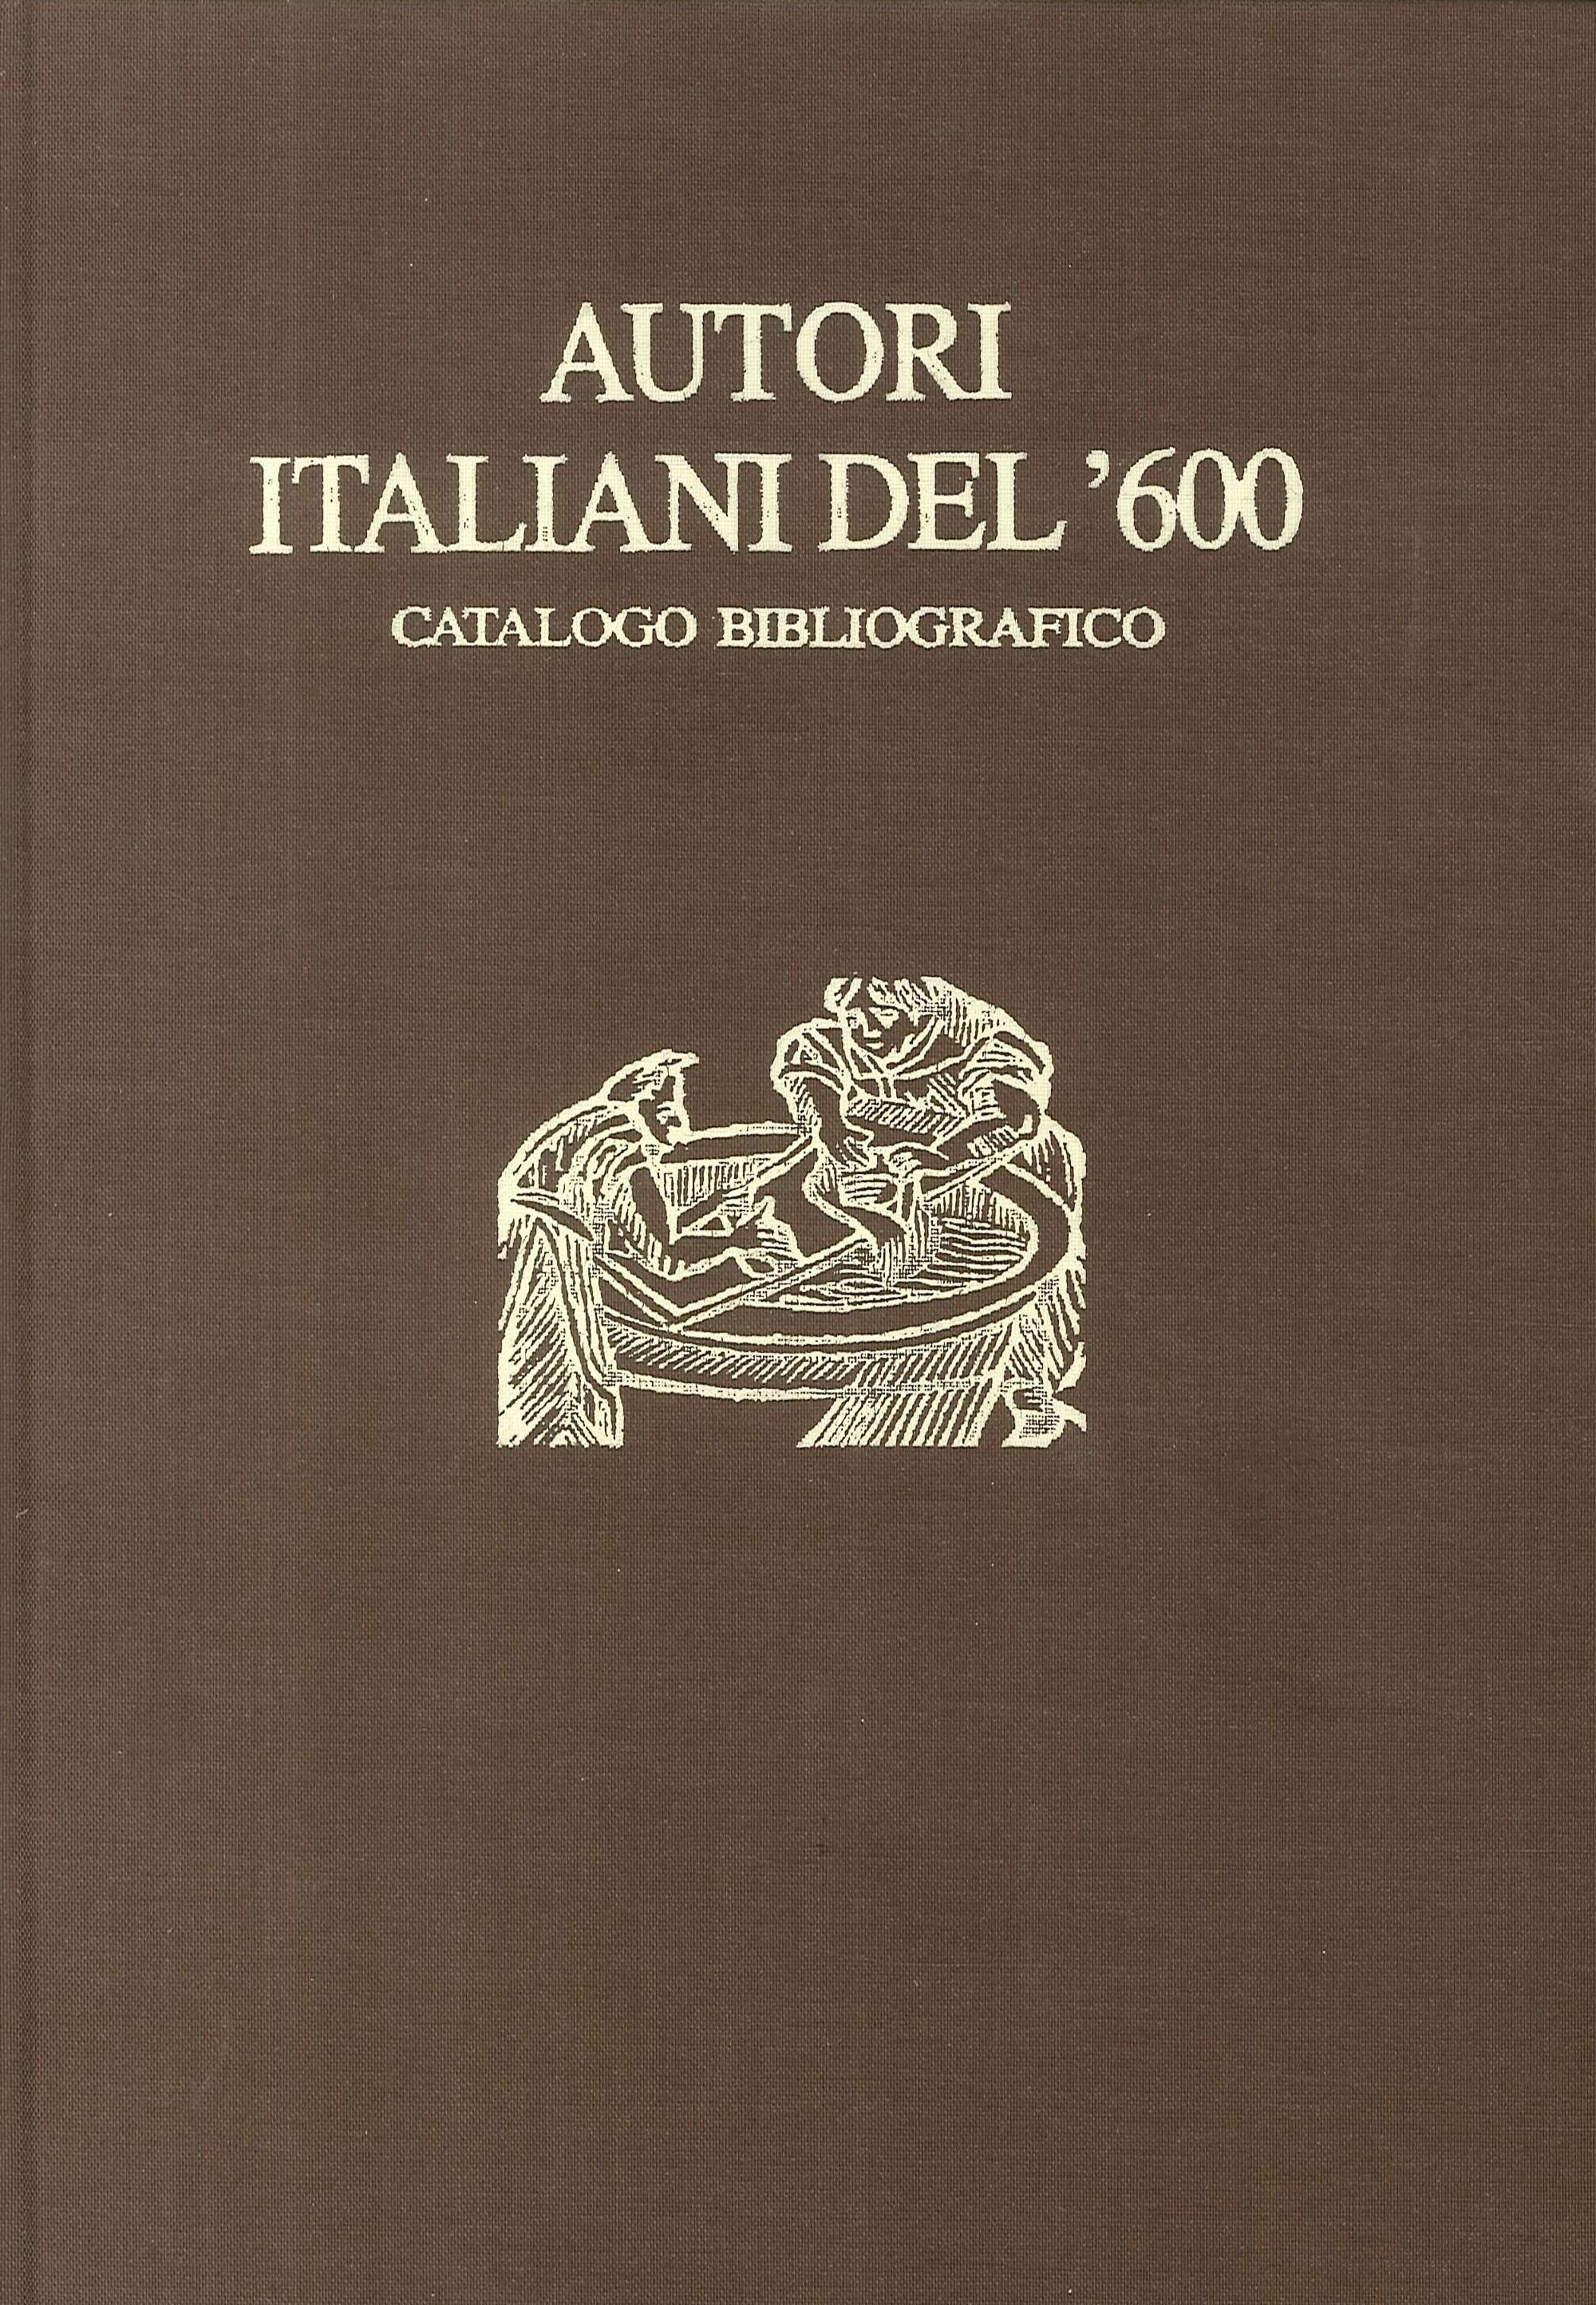 Autori italiani del '600. Catalogo bibliografico - Indici